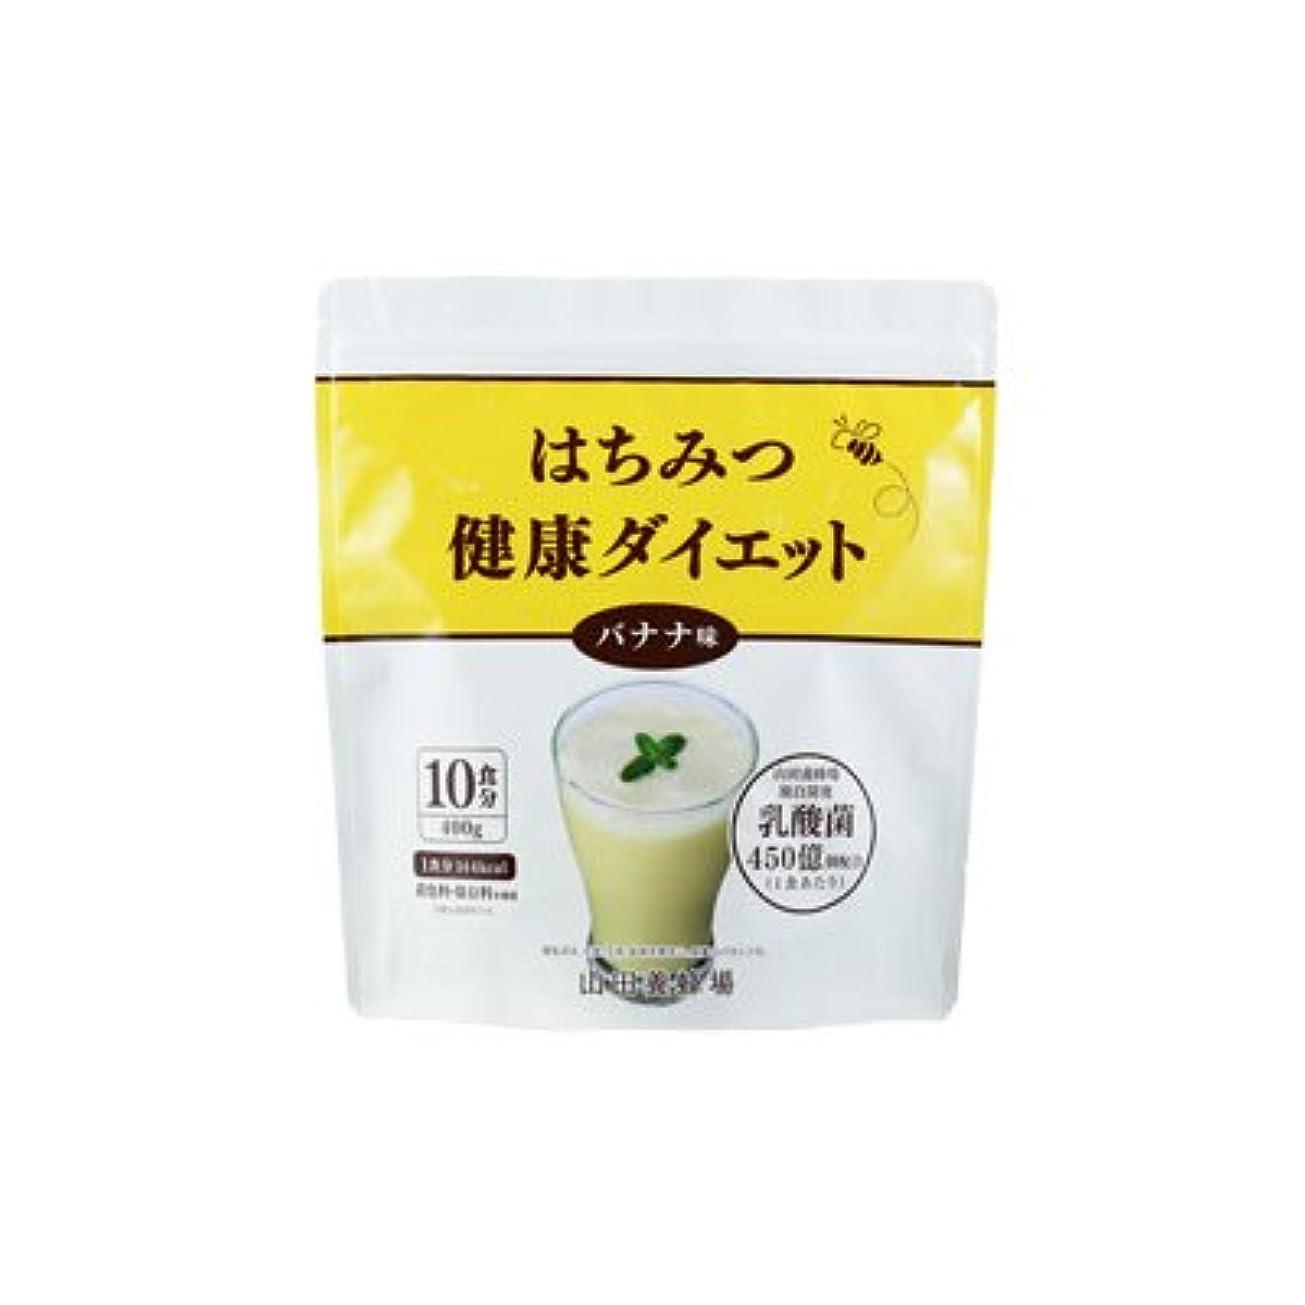 細胞等宗教はちみつ健康ダイエット 【バナナ味】400g(10食分)